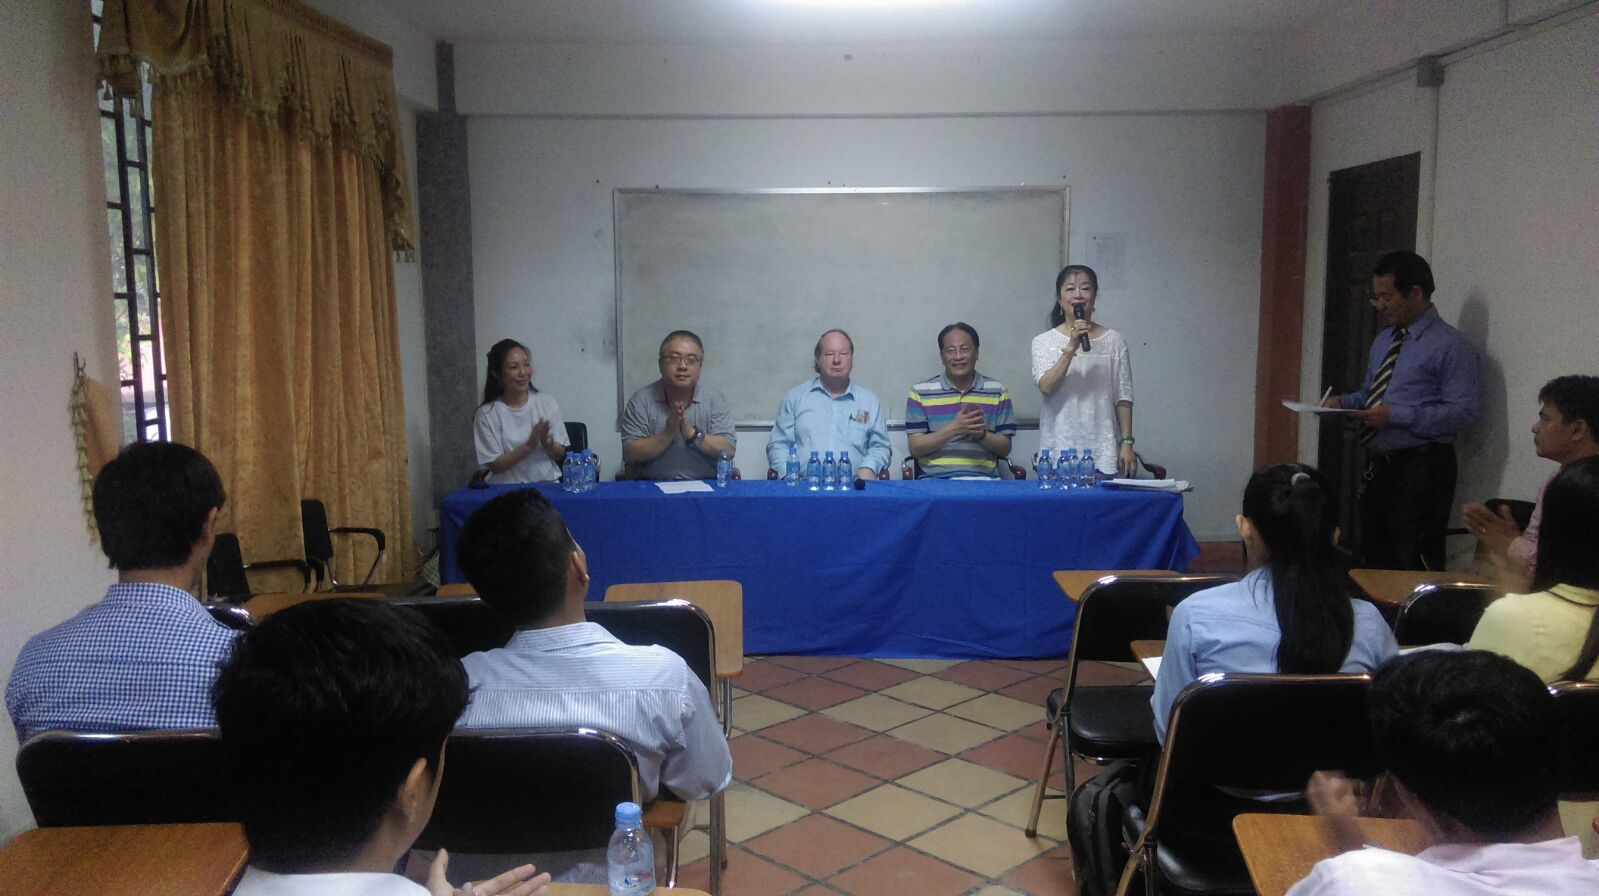 16/06/2016 Professors sharing in Cambodia campus.